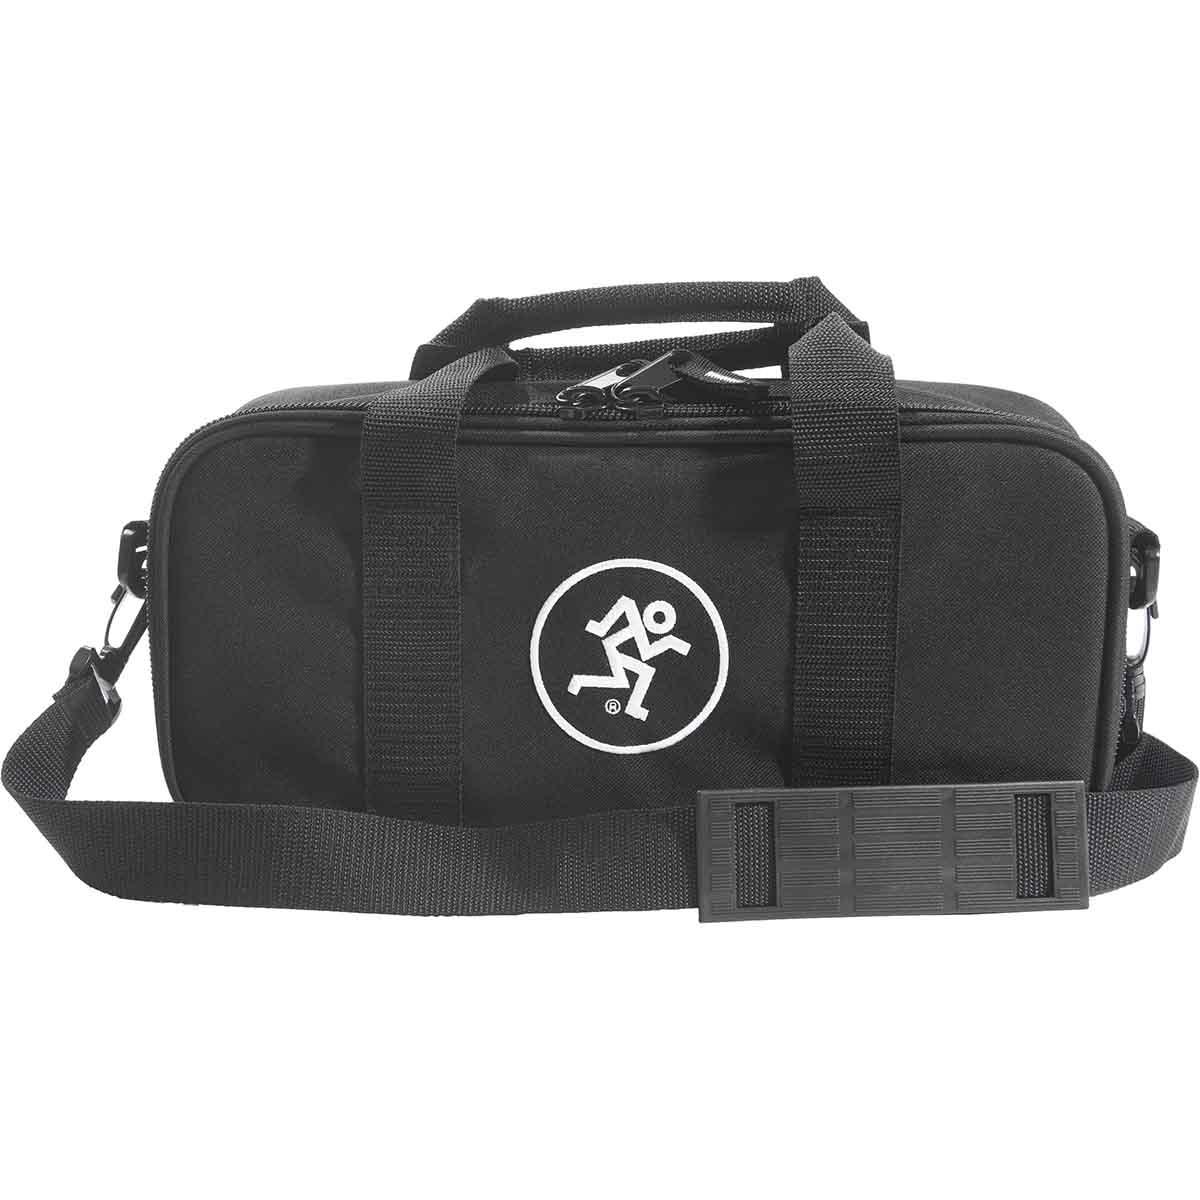 Billede af Mackie PRODX-BAG taske til ProDX4 og ProDX8